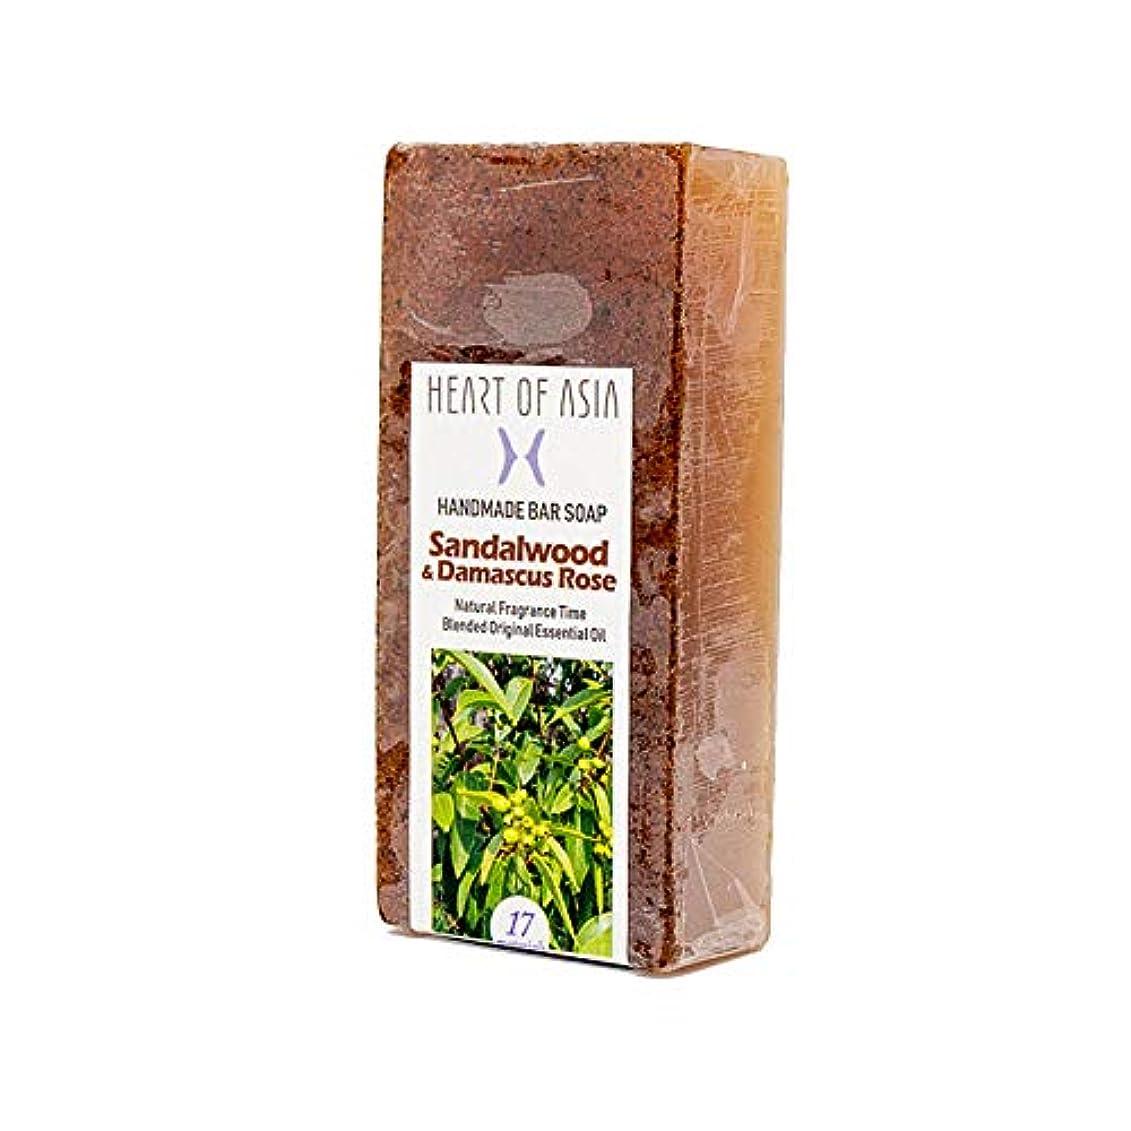 信条ランデブー流行している香水のようなフレグランス石けん HANDMADE BAR SOAP ~Sandalwood&Damascus Rose~ (単品)